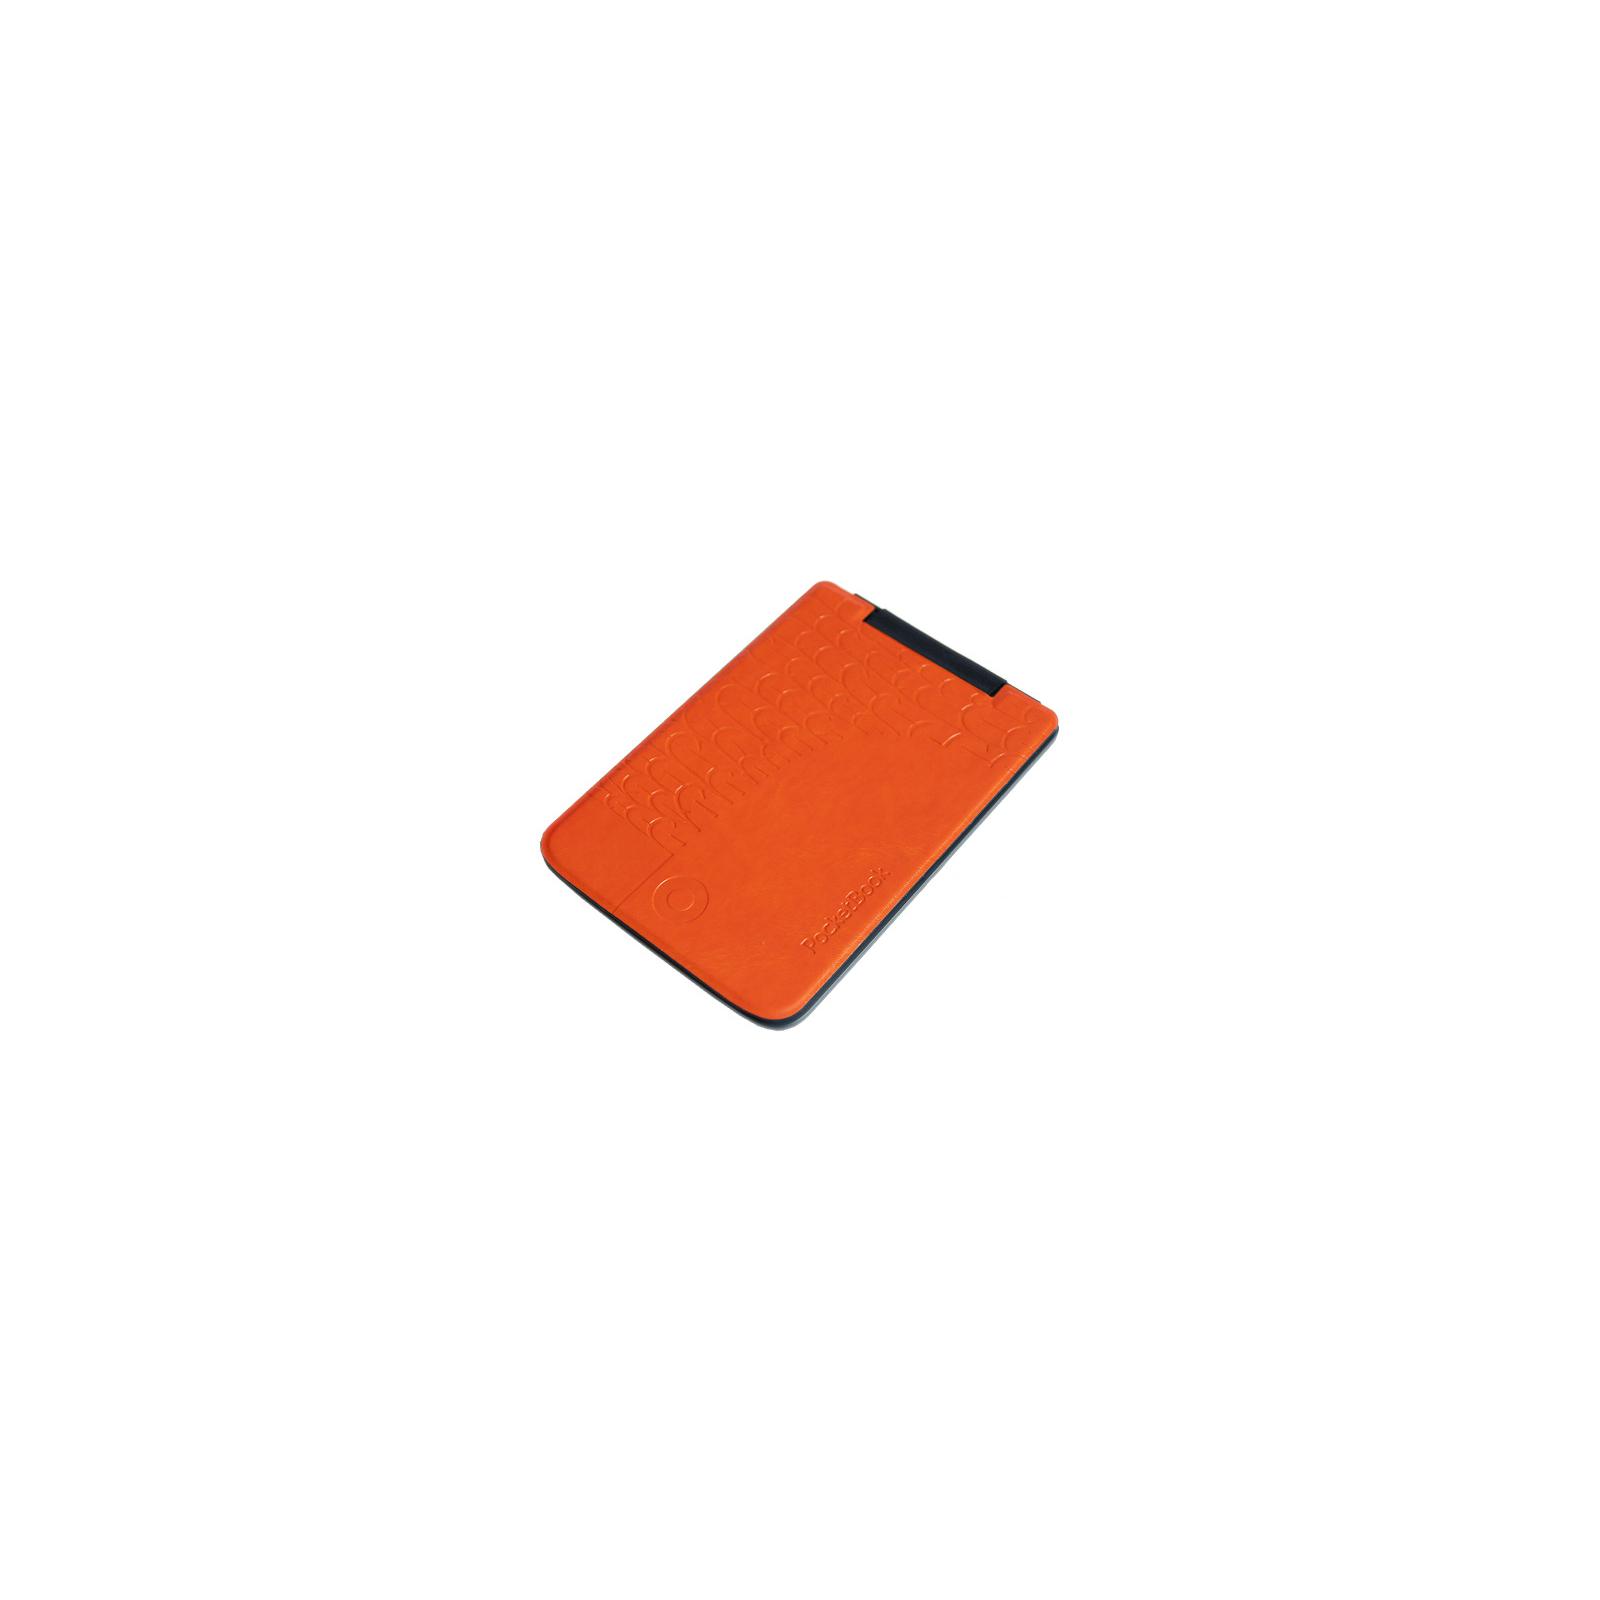 Чехол для электронной книги PocketBook PB515 Mini Bird orange/black (PBPUC-5-ORBC-BD) изображение 2